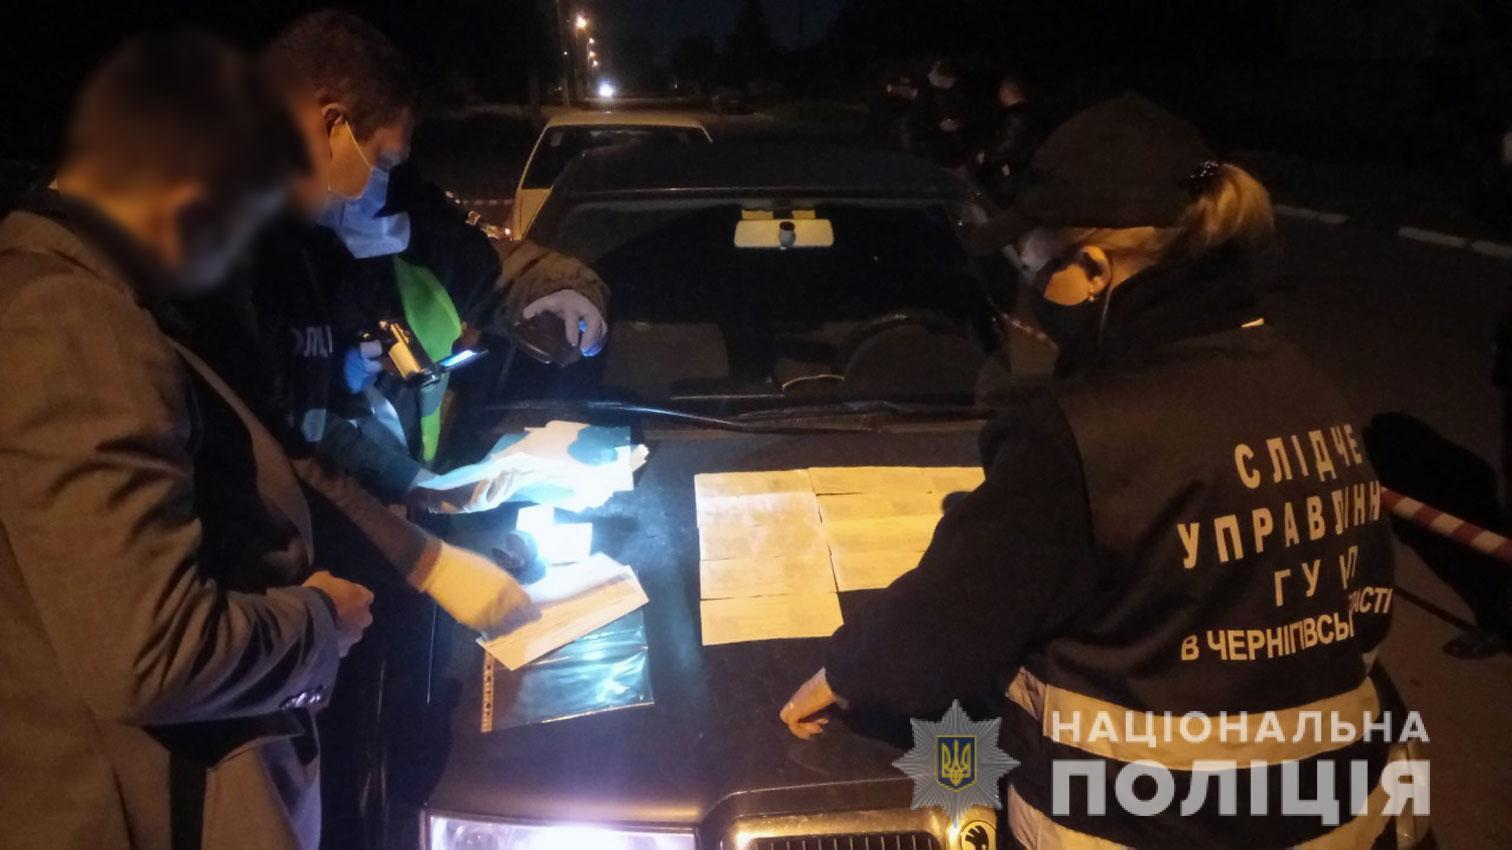 Во время обыска обнаружены деньги и списки избирателей